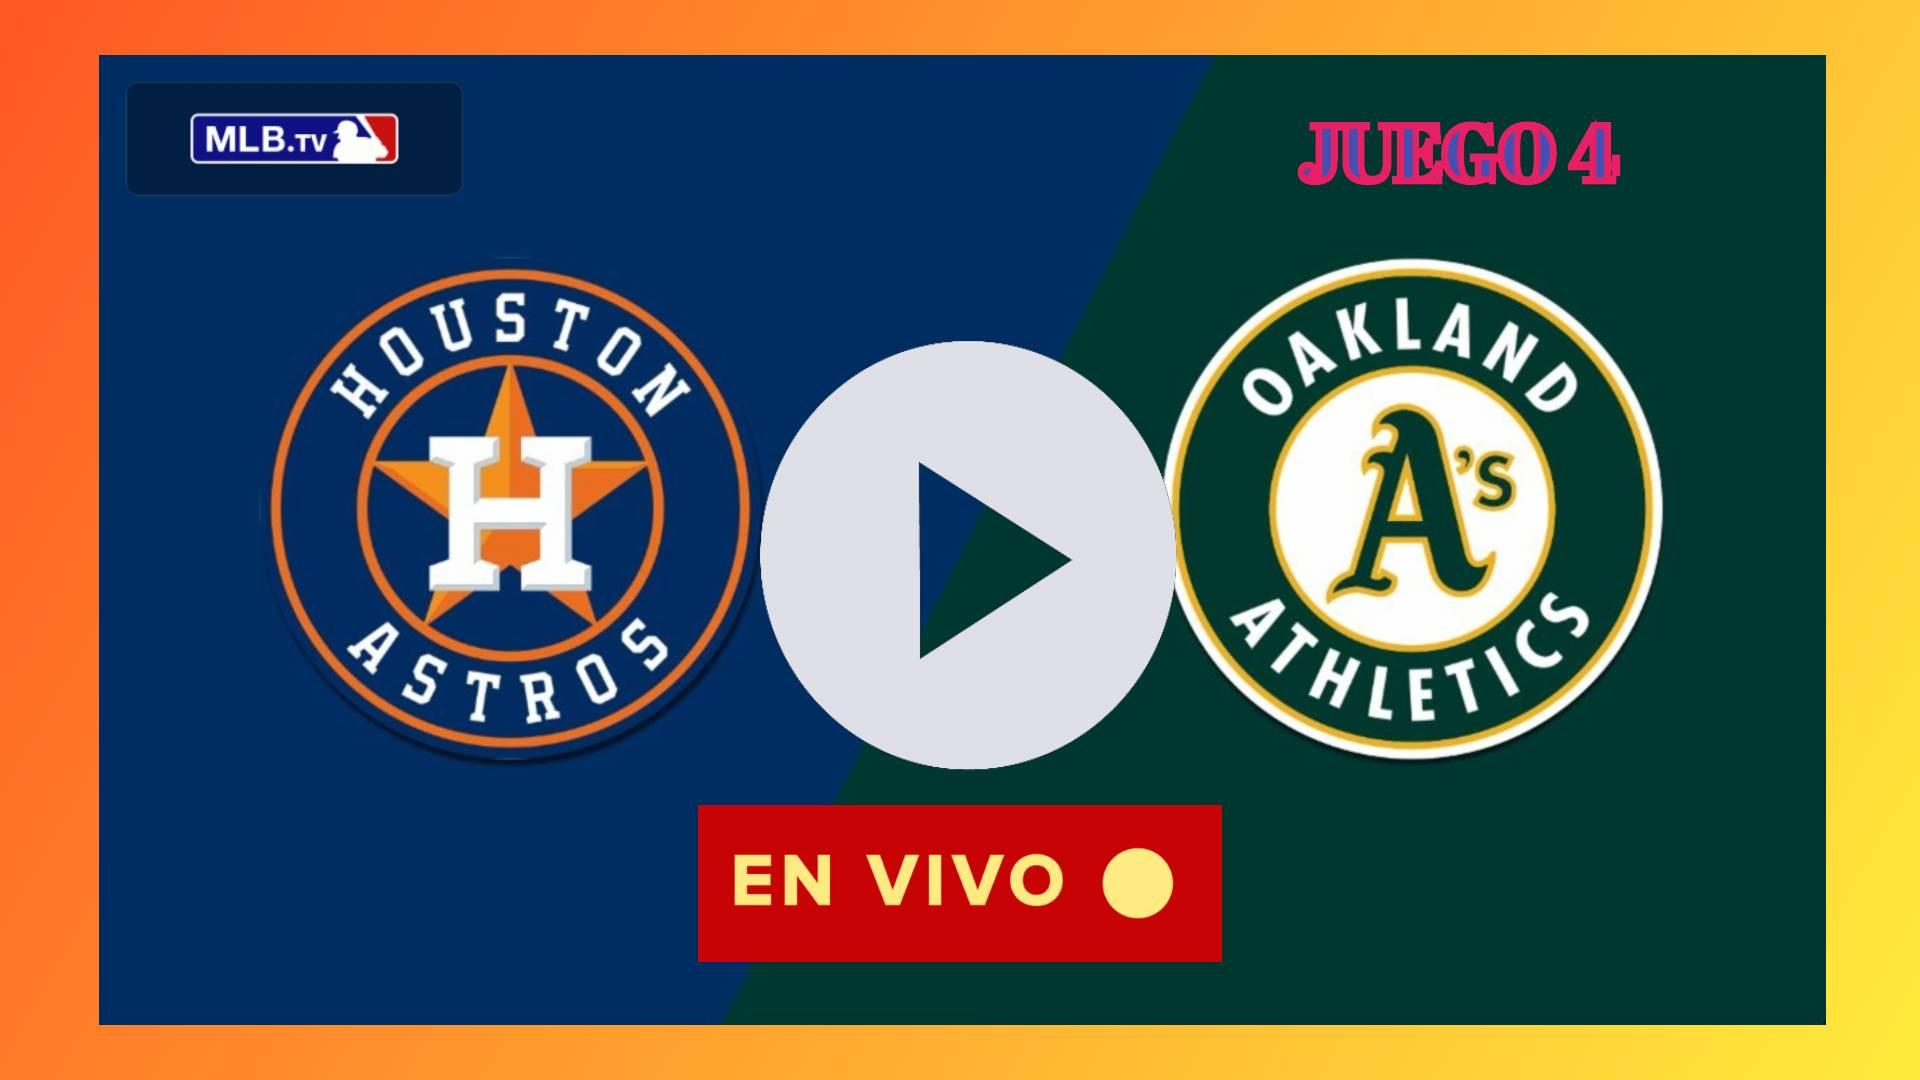 Astros vs. Athletics juego 4